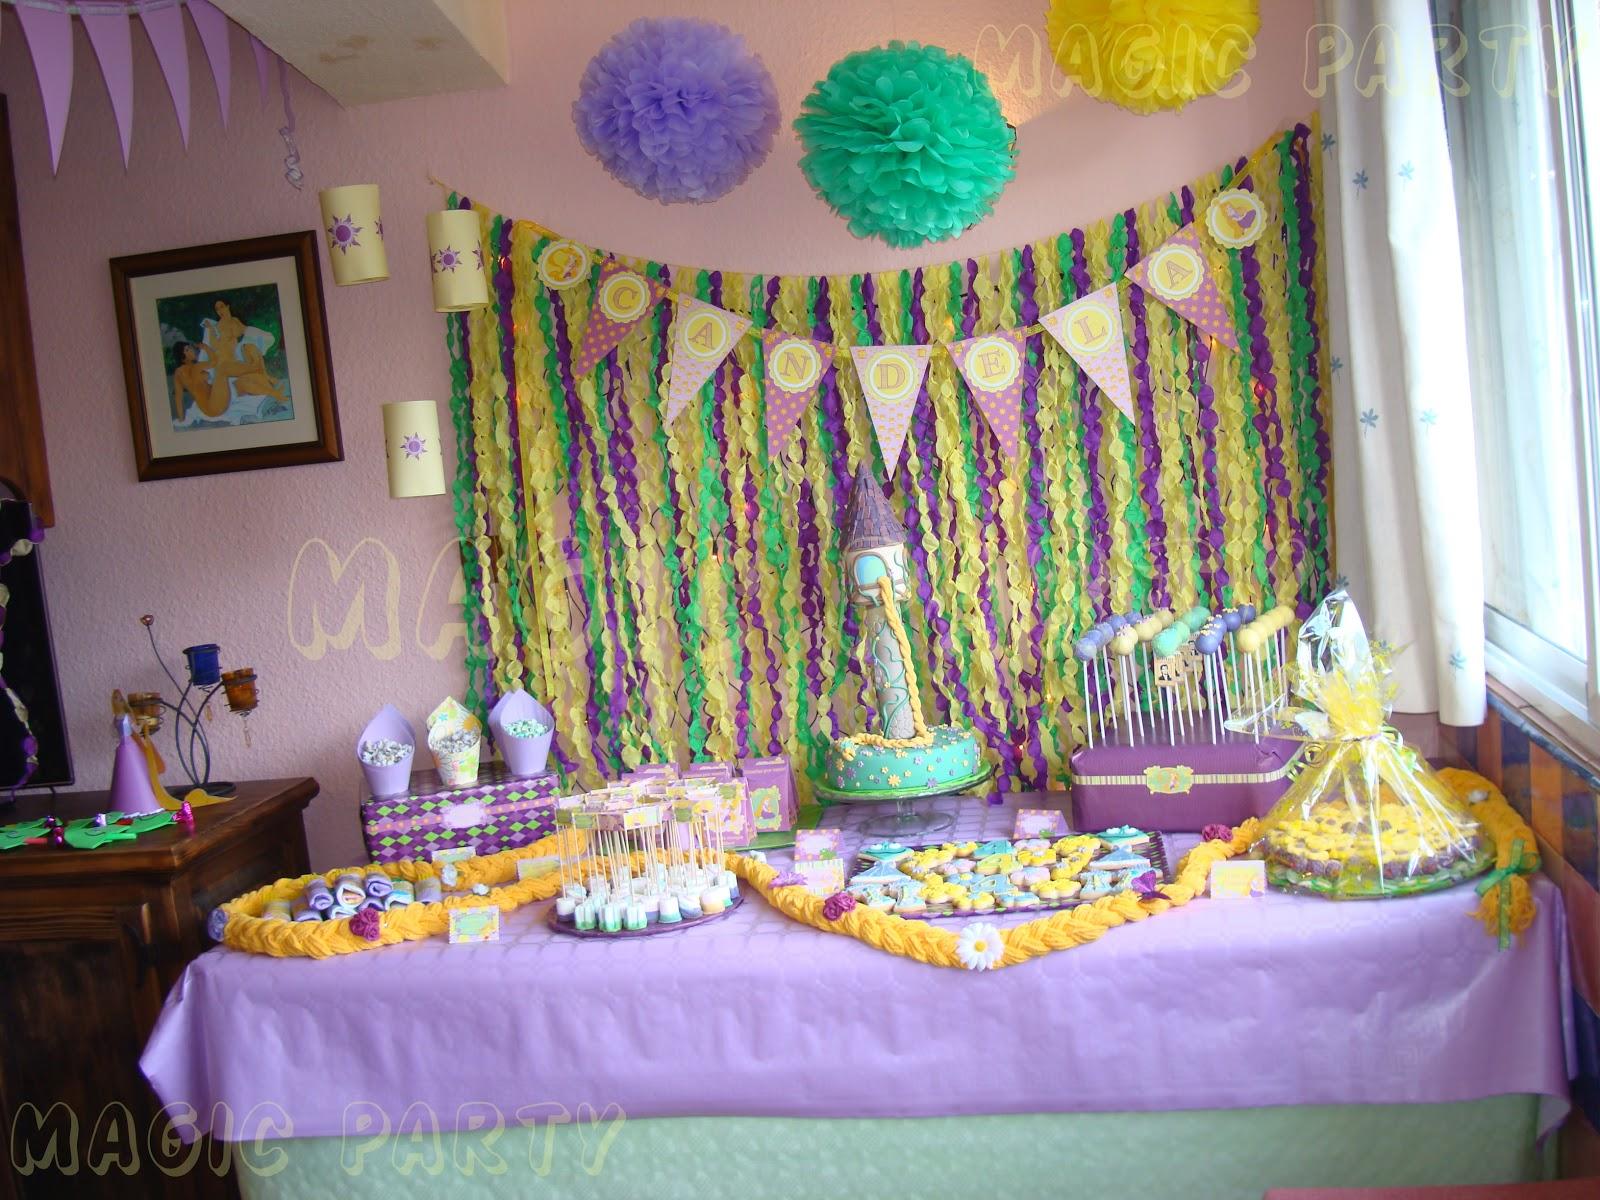 Decoracion Rapunzel Disney ~ Toda la decoraci?n de la fiesta era en tonos amarillo, verde y malva